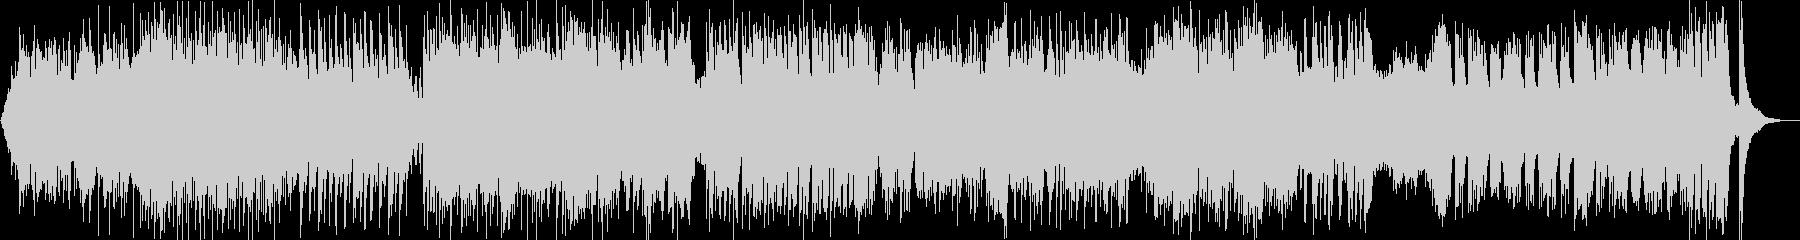 映画・ゲーム用バトルBGM31_Longの未再生の波形